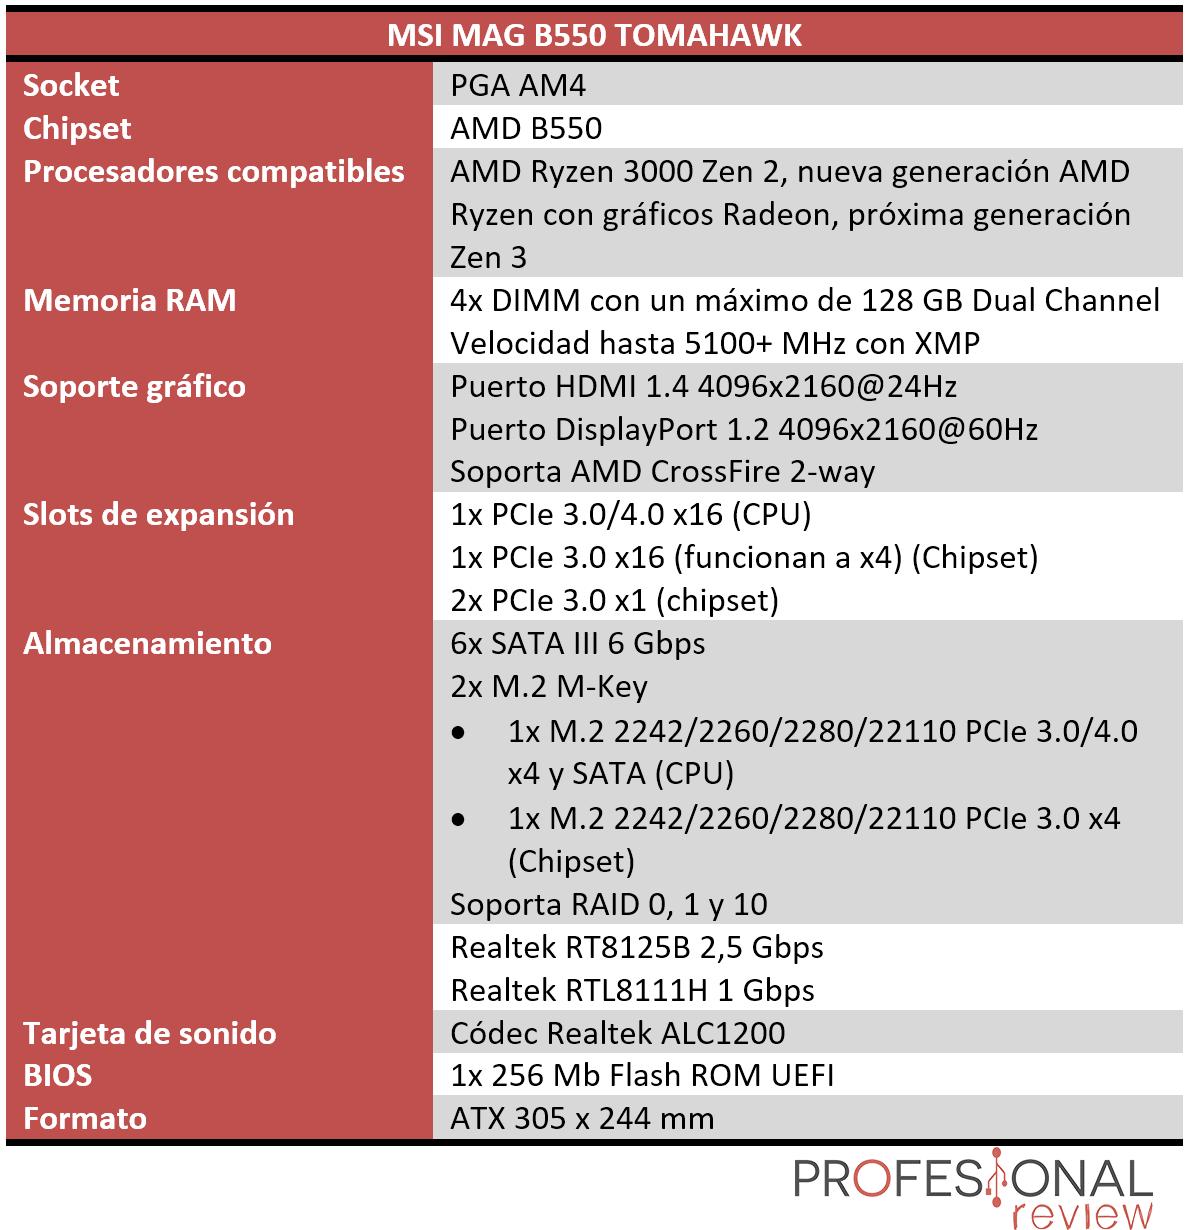 MSI MAG B550 TOMAHAWK Características